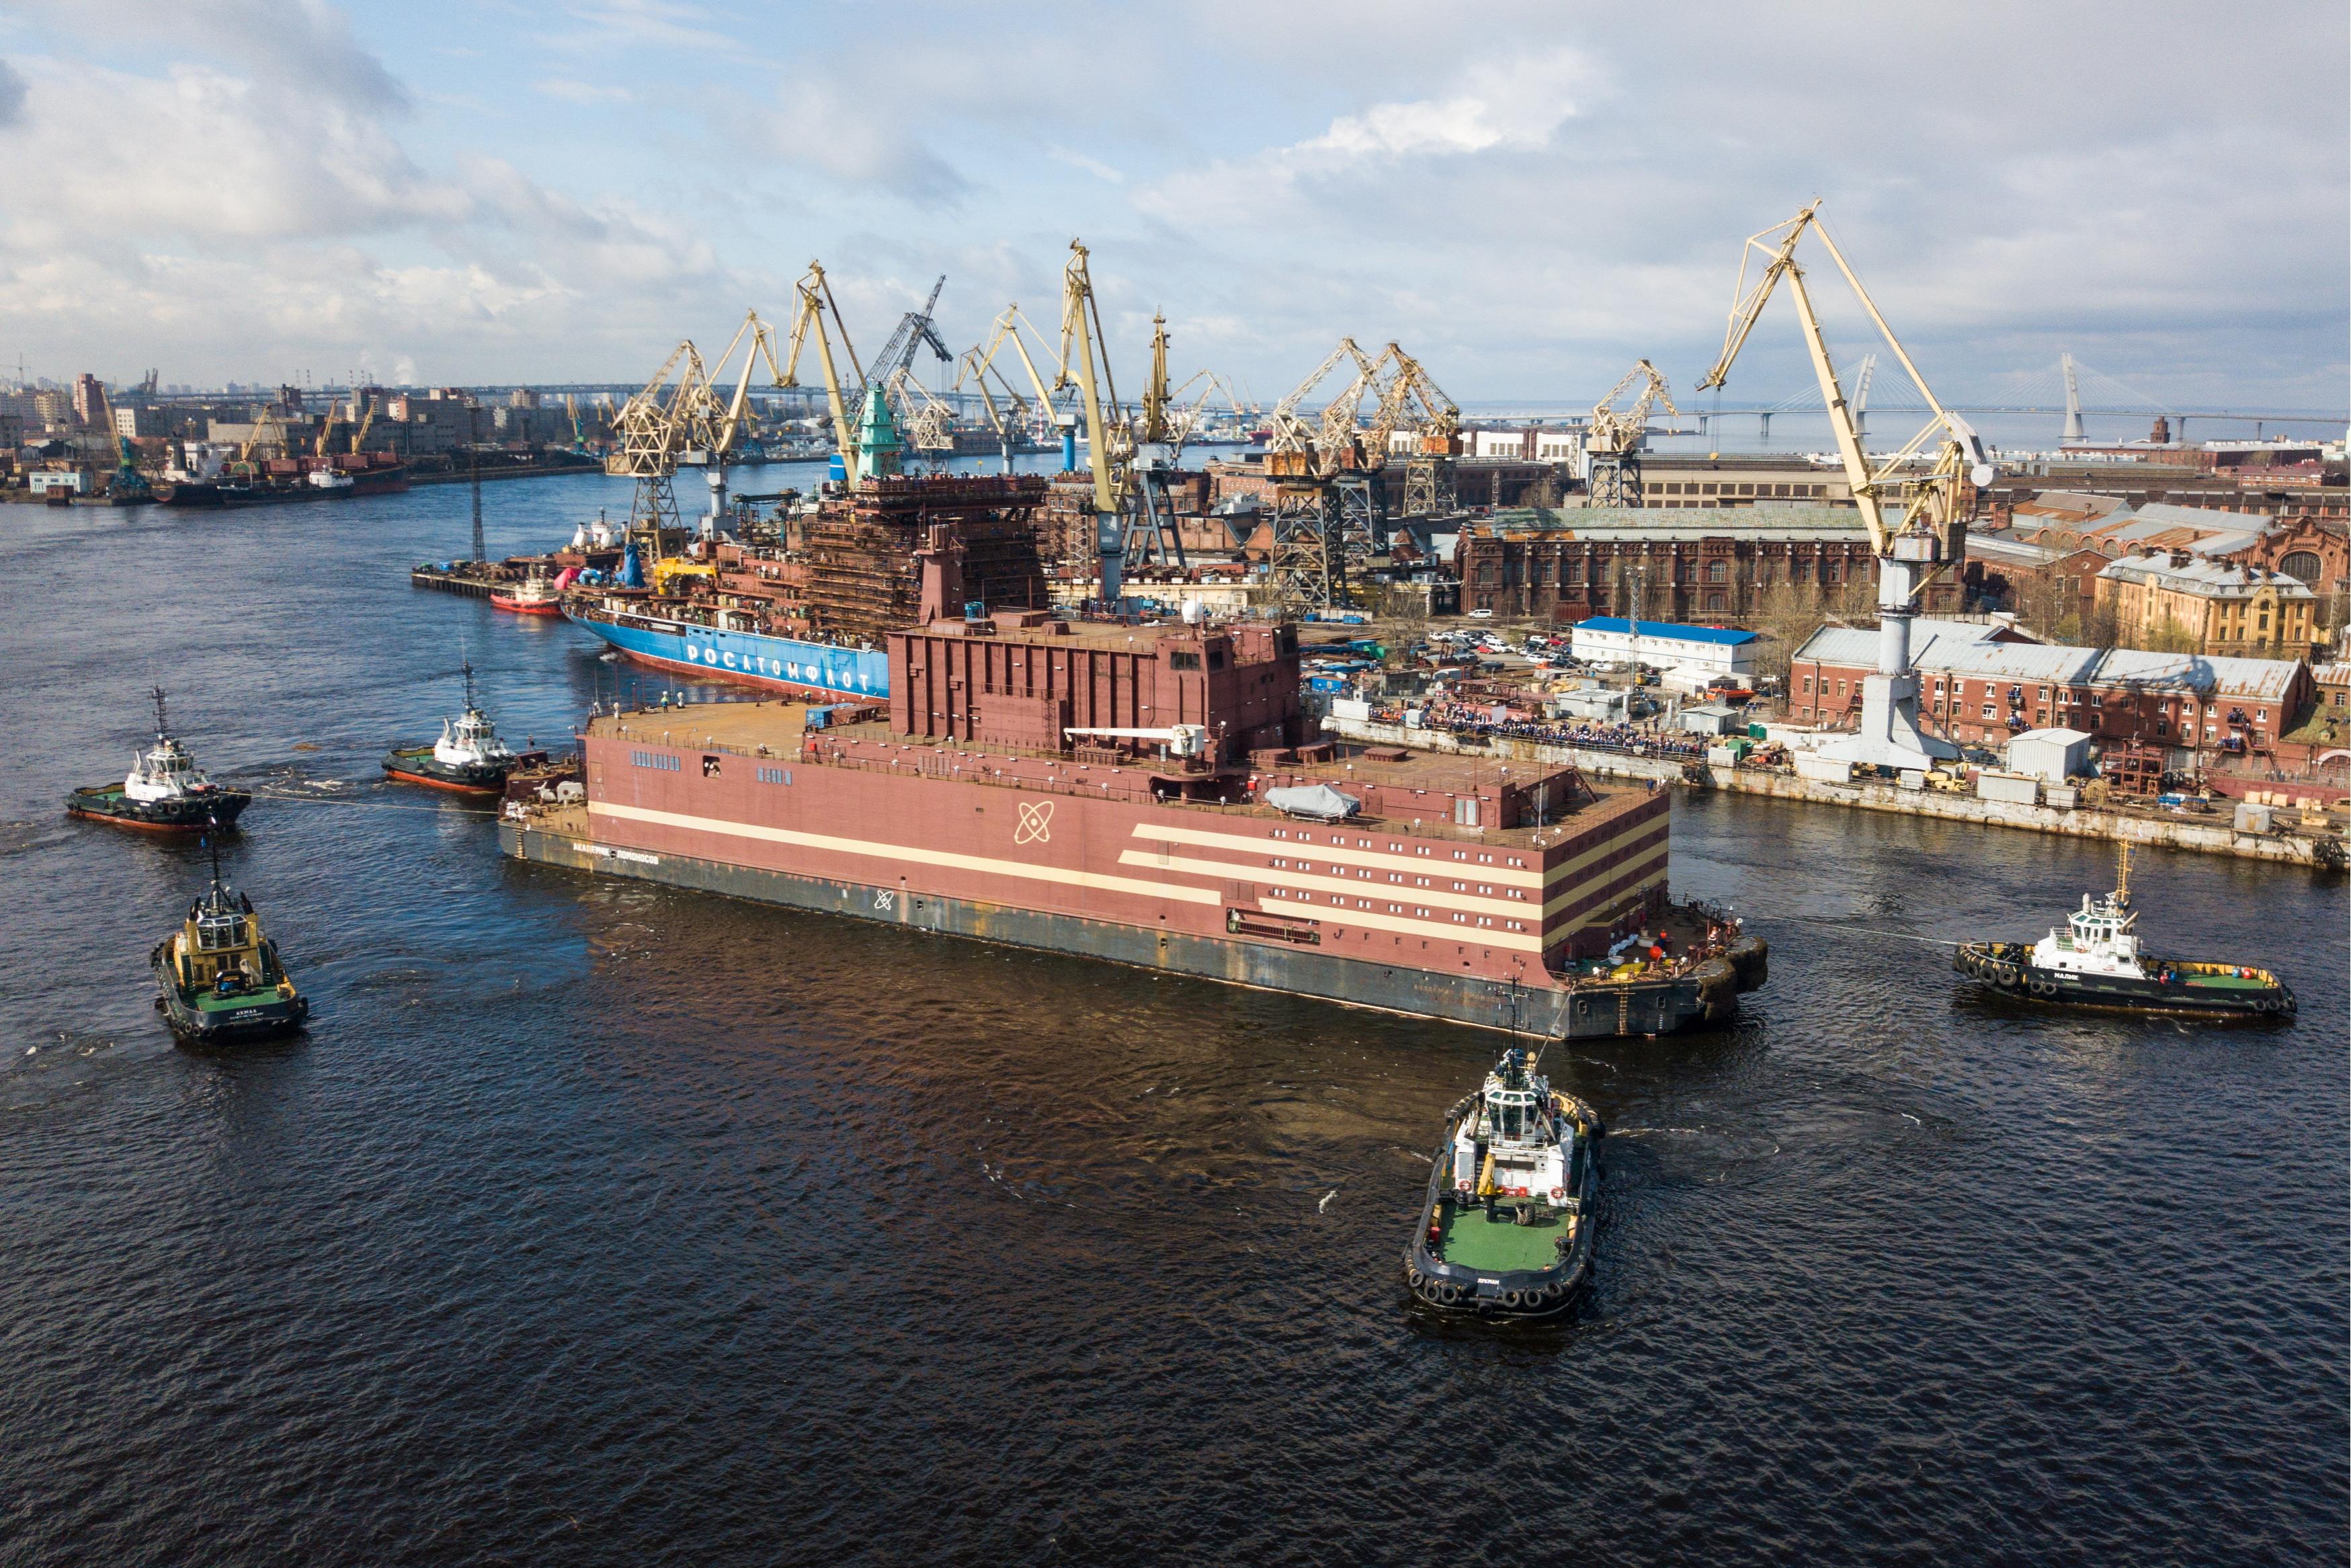 Плавучая атомная электростанция «Академик Ломоносов» вышла вморе